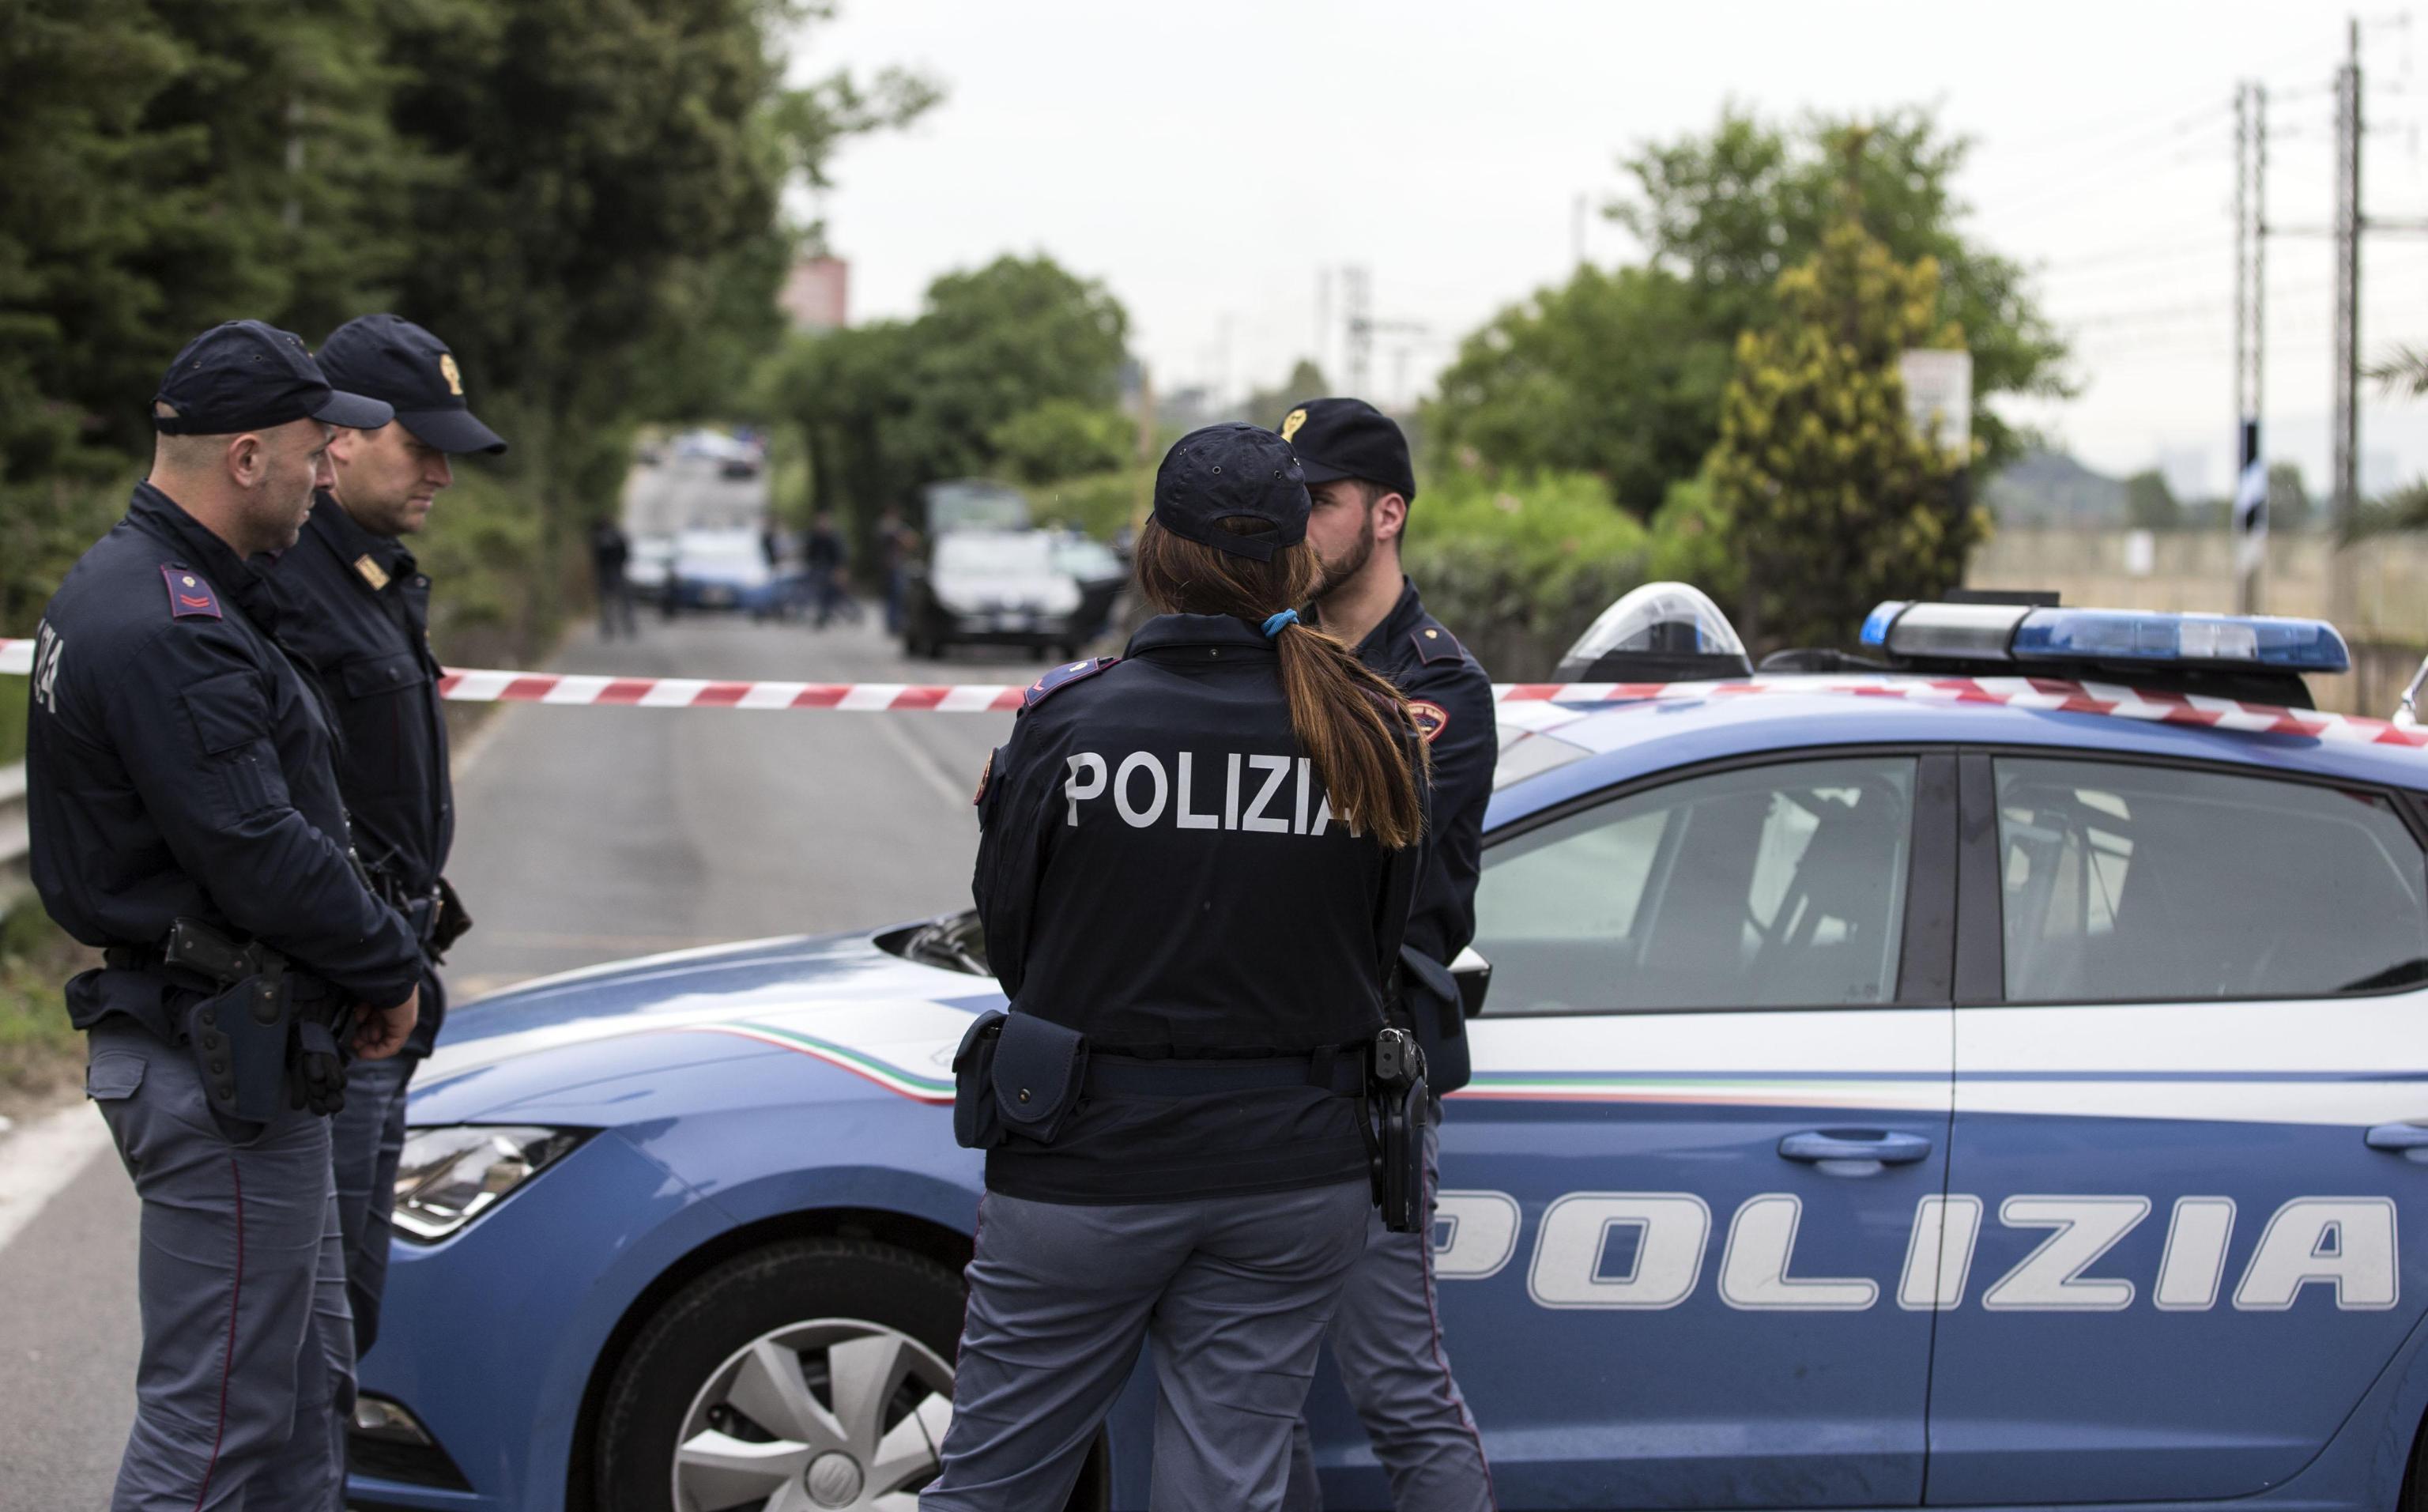 Sanremo: proprietari svuotano la casa per ristrutturarla, tre uomini gliela occupano